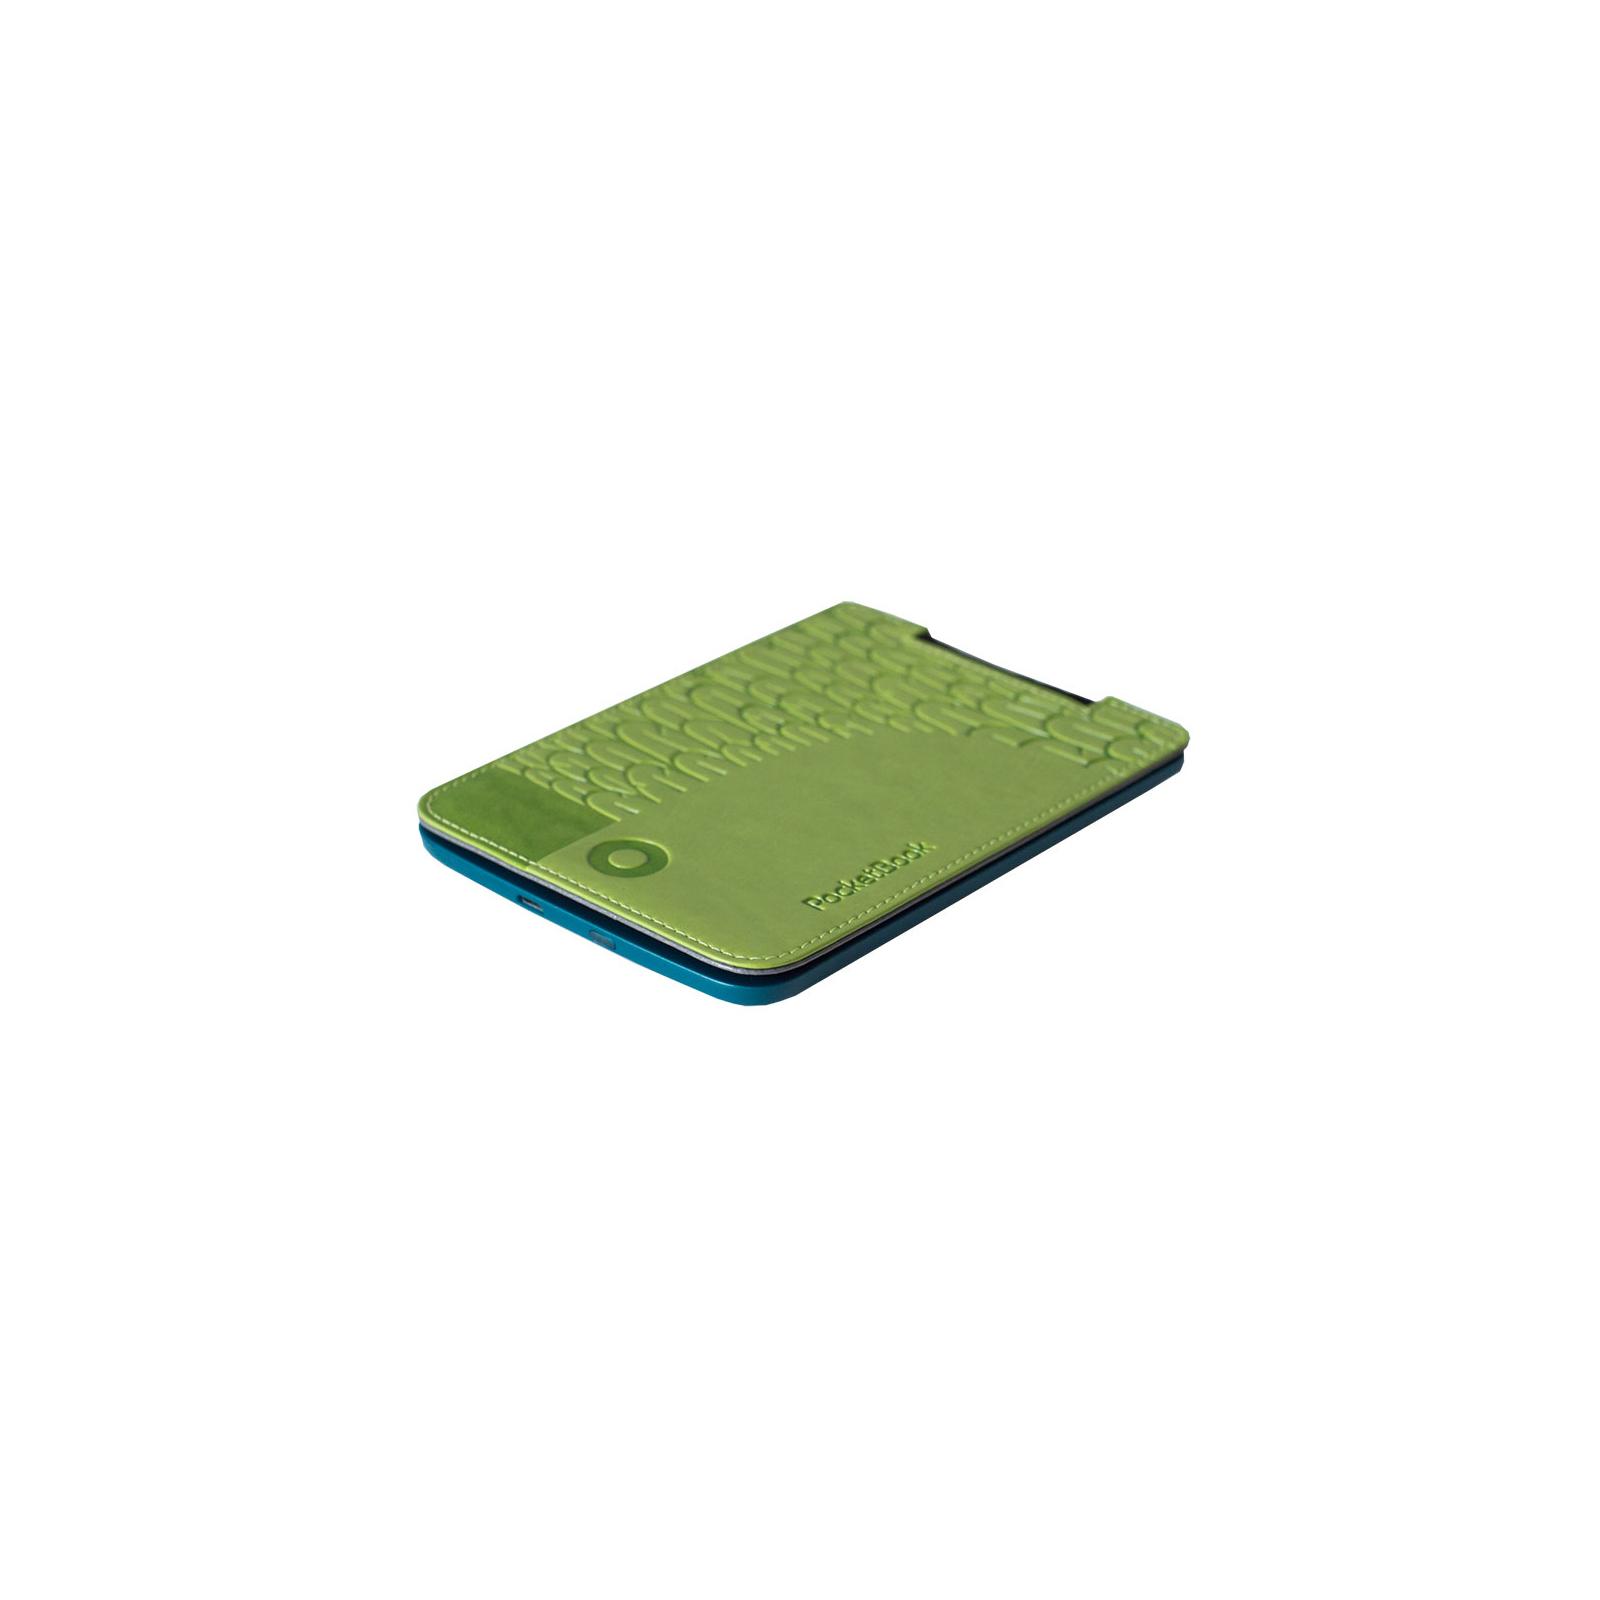 Чехол для электронной книги PocketBook PB515 Mini Bird green/black (PBPUC-5-GRBC-BD) изображение 2